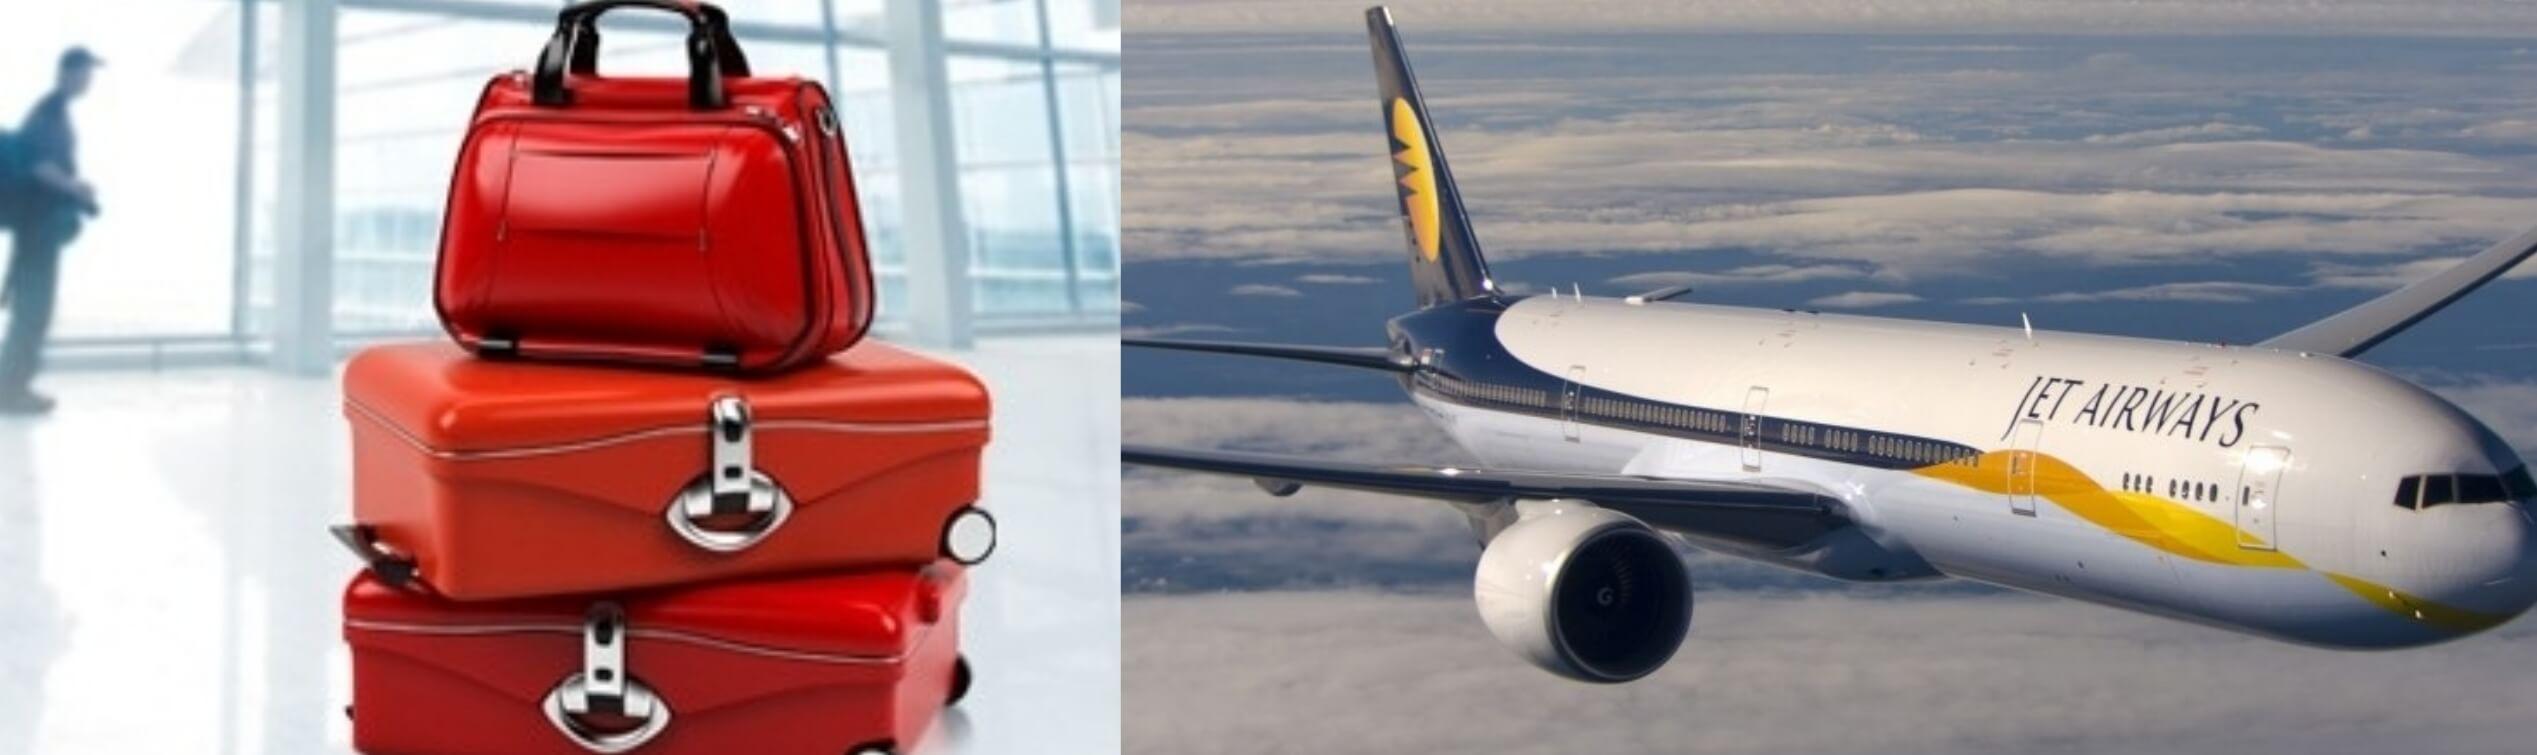 New rule of Jet Airways